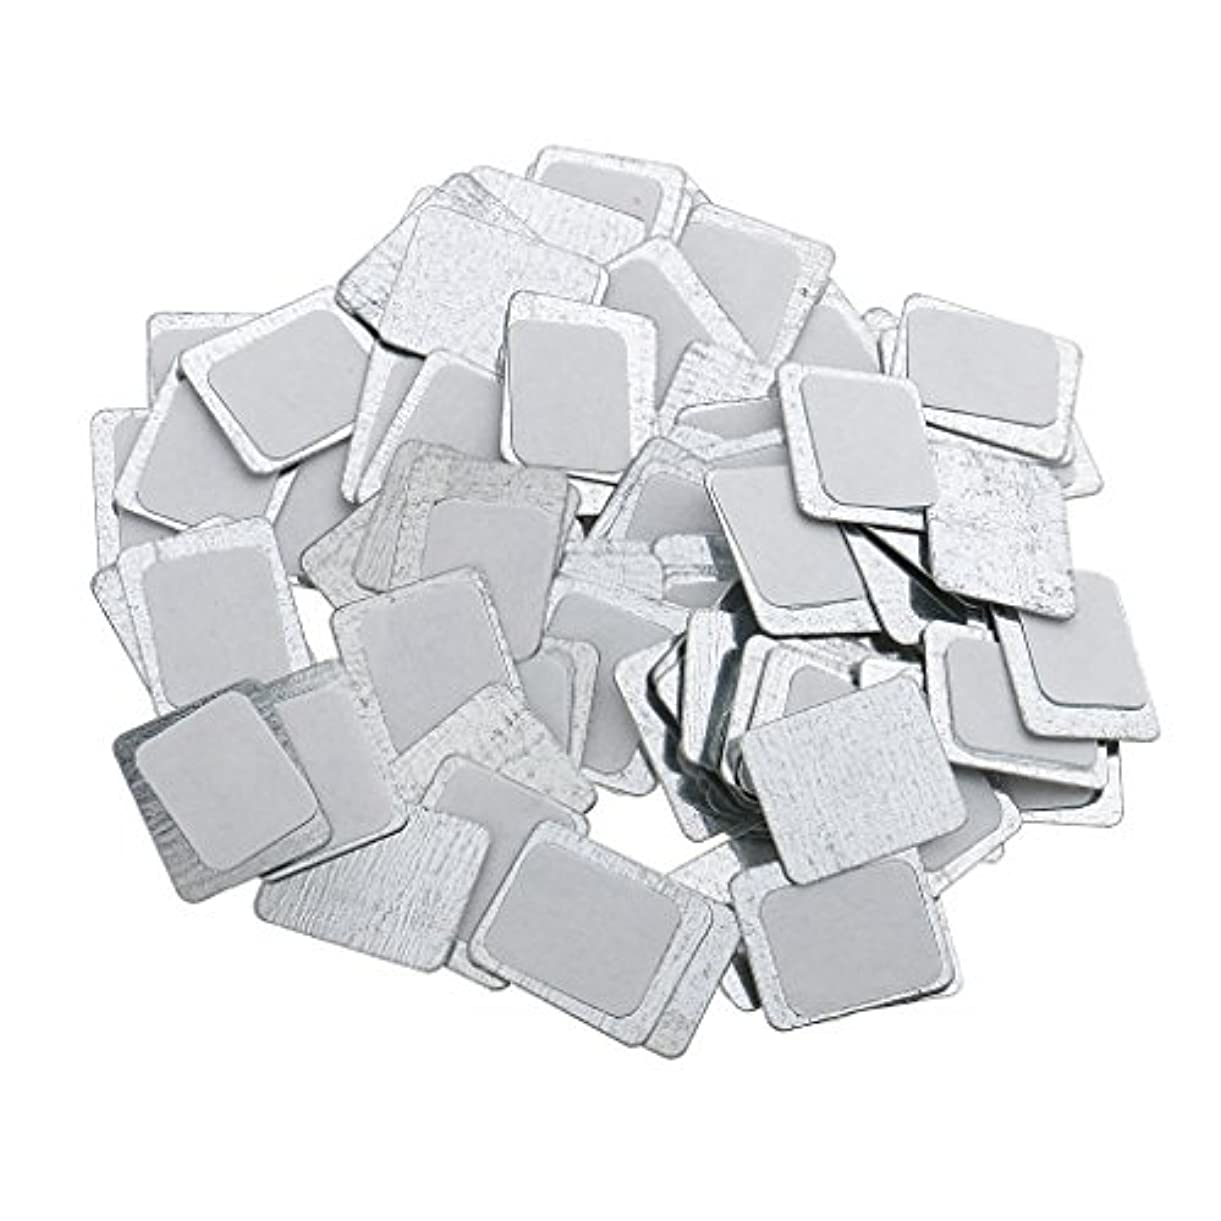 気候靄緊張Kesoto 約100個 メイクアップパン 空パン アイシャドー ブラッシュ メイクアップ 磁気パレットボックスケース 2タイプ選べ - スクエア